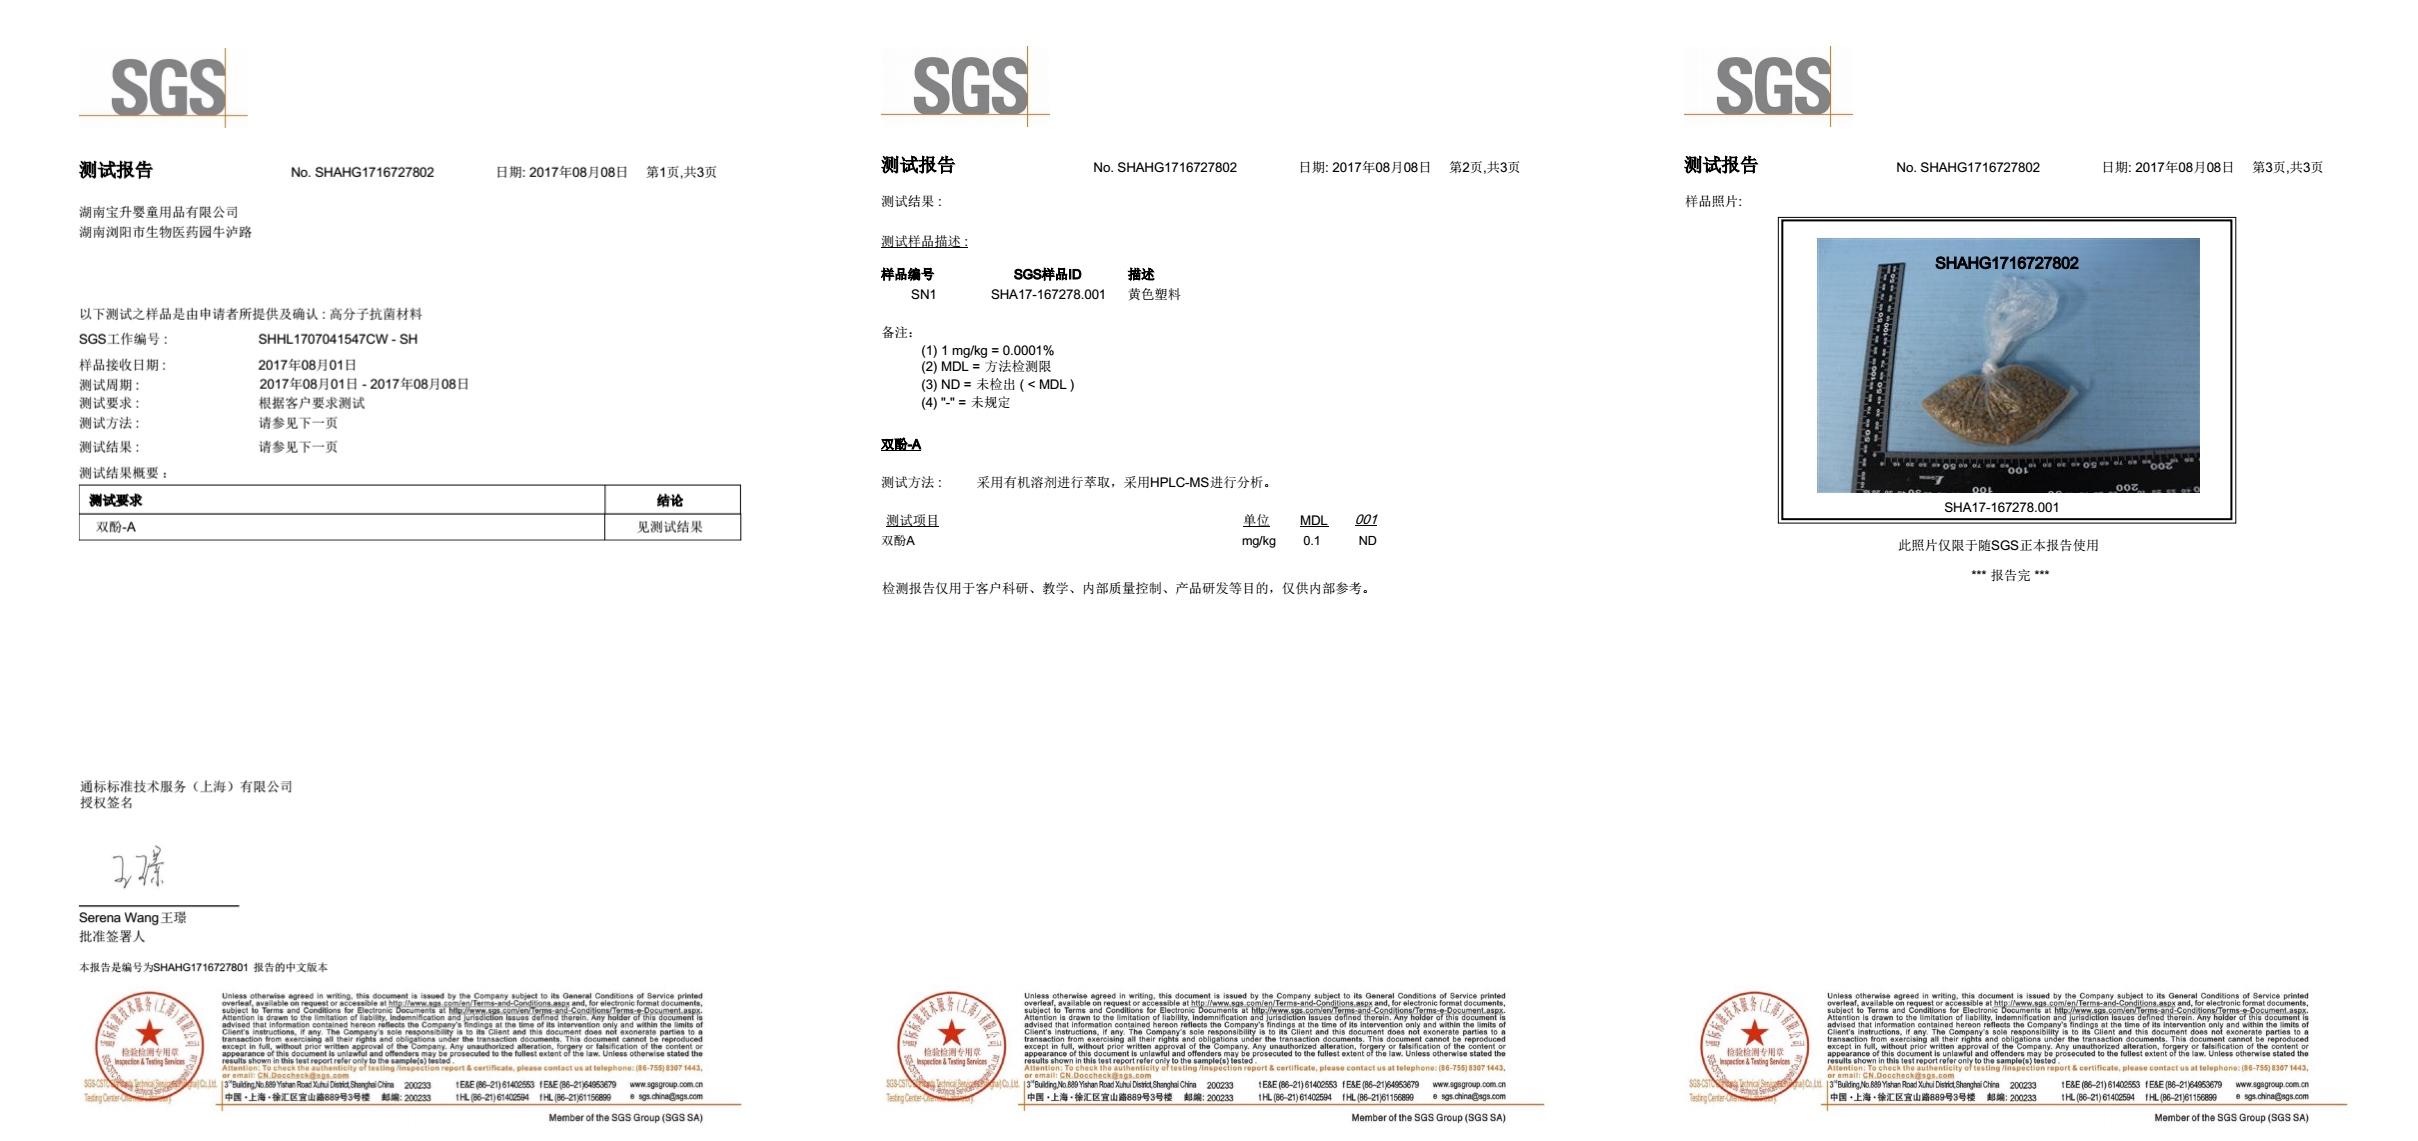 SGS双酚A检测报告